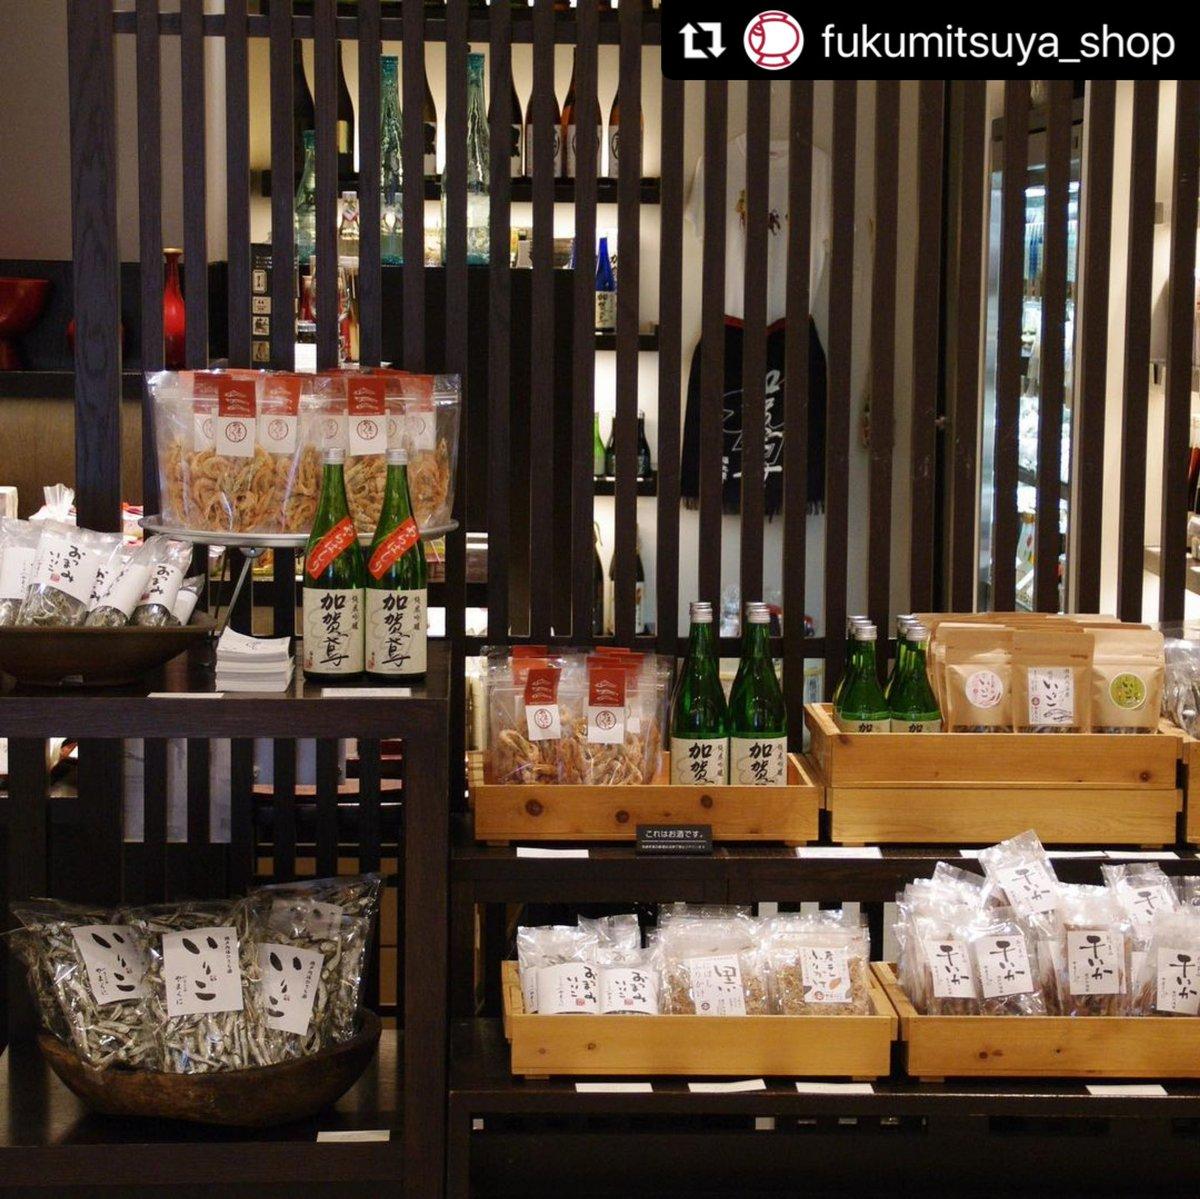 test ツイッターメディア - 福光屋東京ミッドタウン店さんでの やまくにPOP UP SHOPは昨日終了致しました、 会期中はたくさんの方に足を運んでいただき感謝の気持ちでいっぱいです。 お取り扱い頂いている商品もありますので、引き続きどうぞよろしくお願い致します。 https://t.co/w5wME9enLj